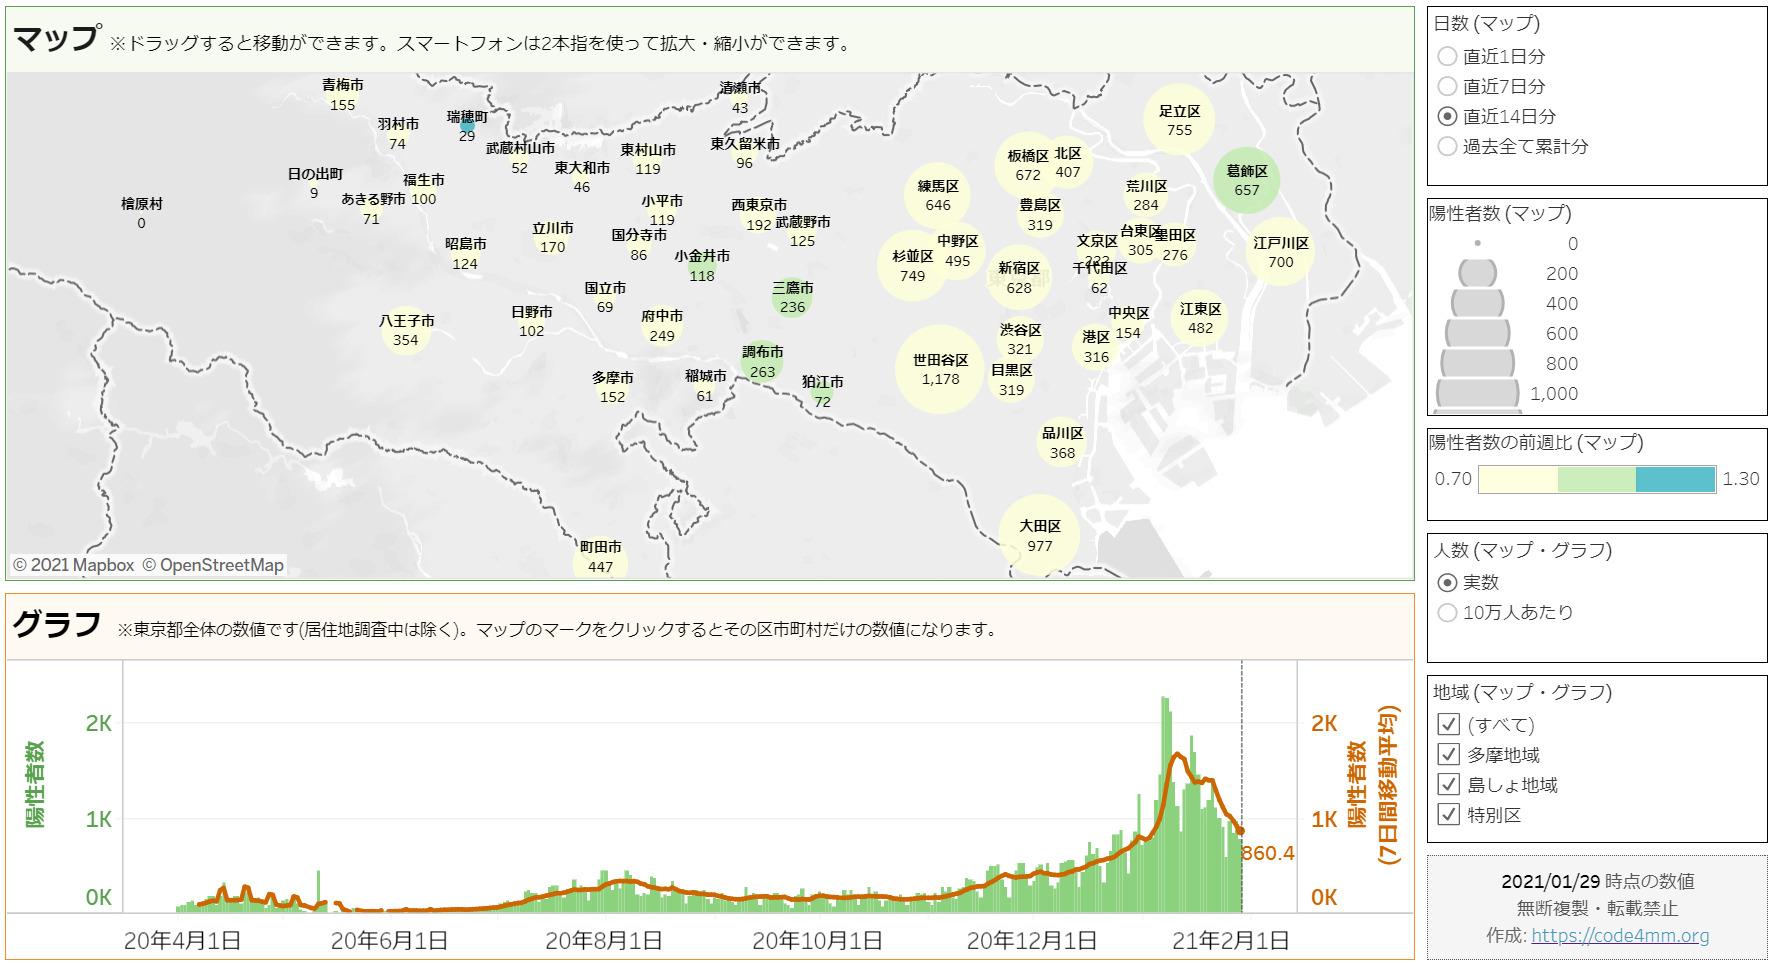 東京都 全区市町村 新型コロナウイルス陽性者数・患者数 推移グラフ・マップ イメージ